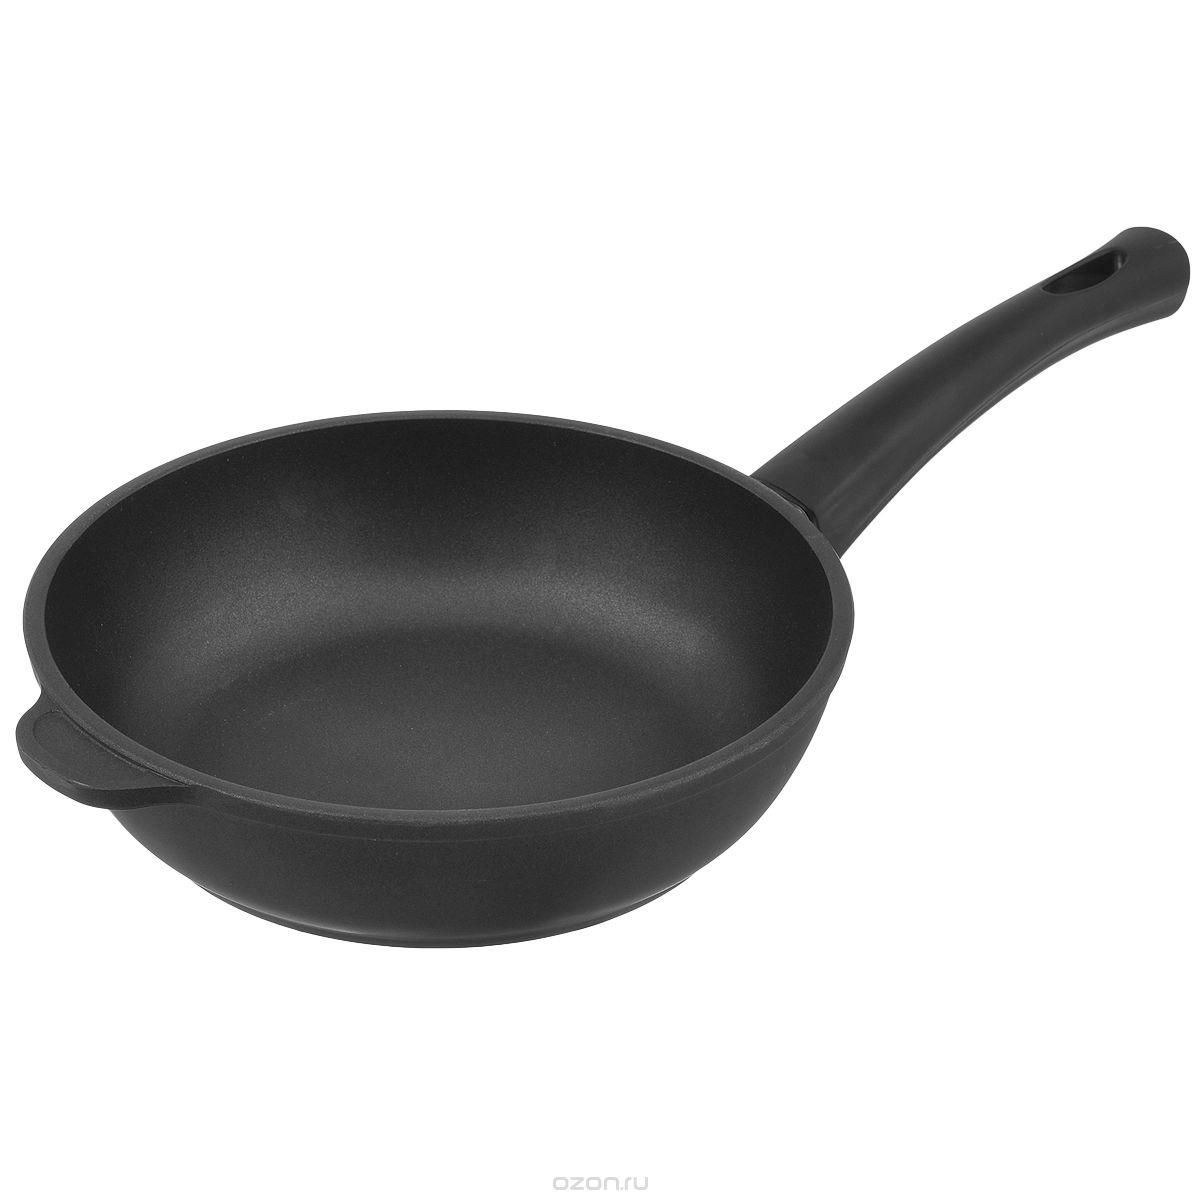 Сковорода Нева Металл Посуда литая, комфортная, 7224к, черный, 24 см сковорода нева металл 9120 20 см алюминий